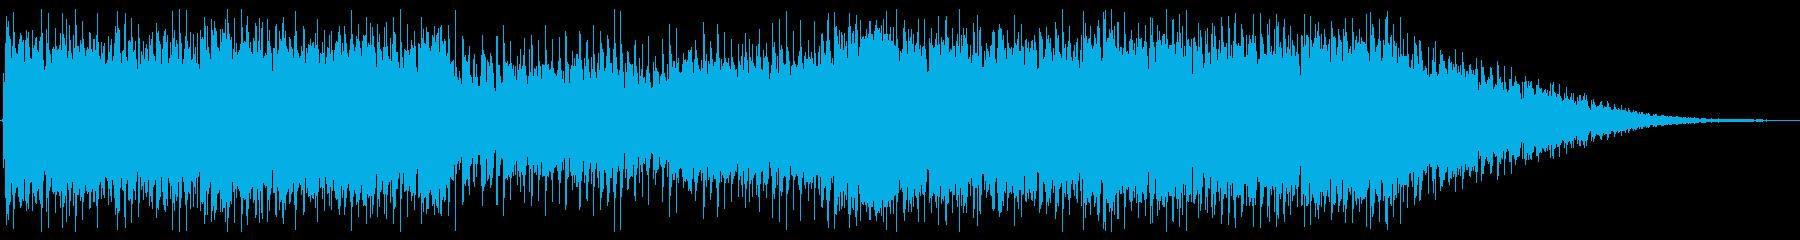 ビッグバンドと共にワクワクするXmasの再生済みの波形